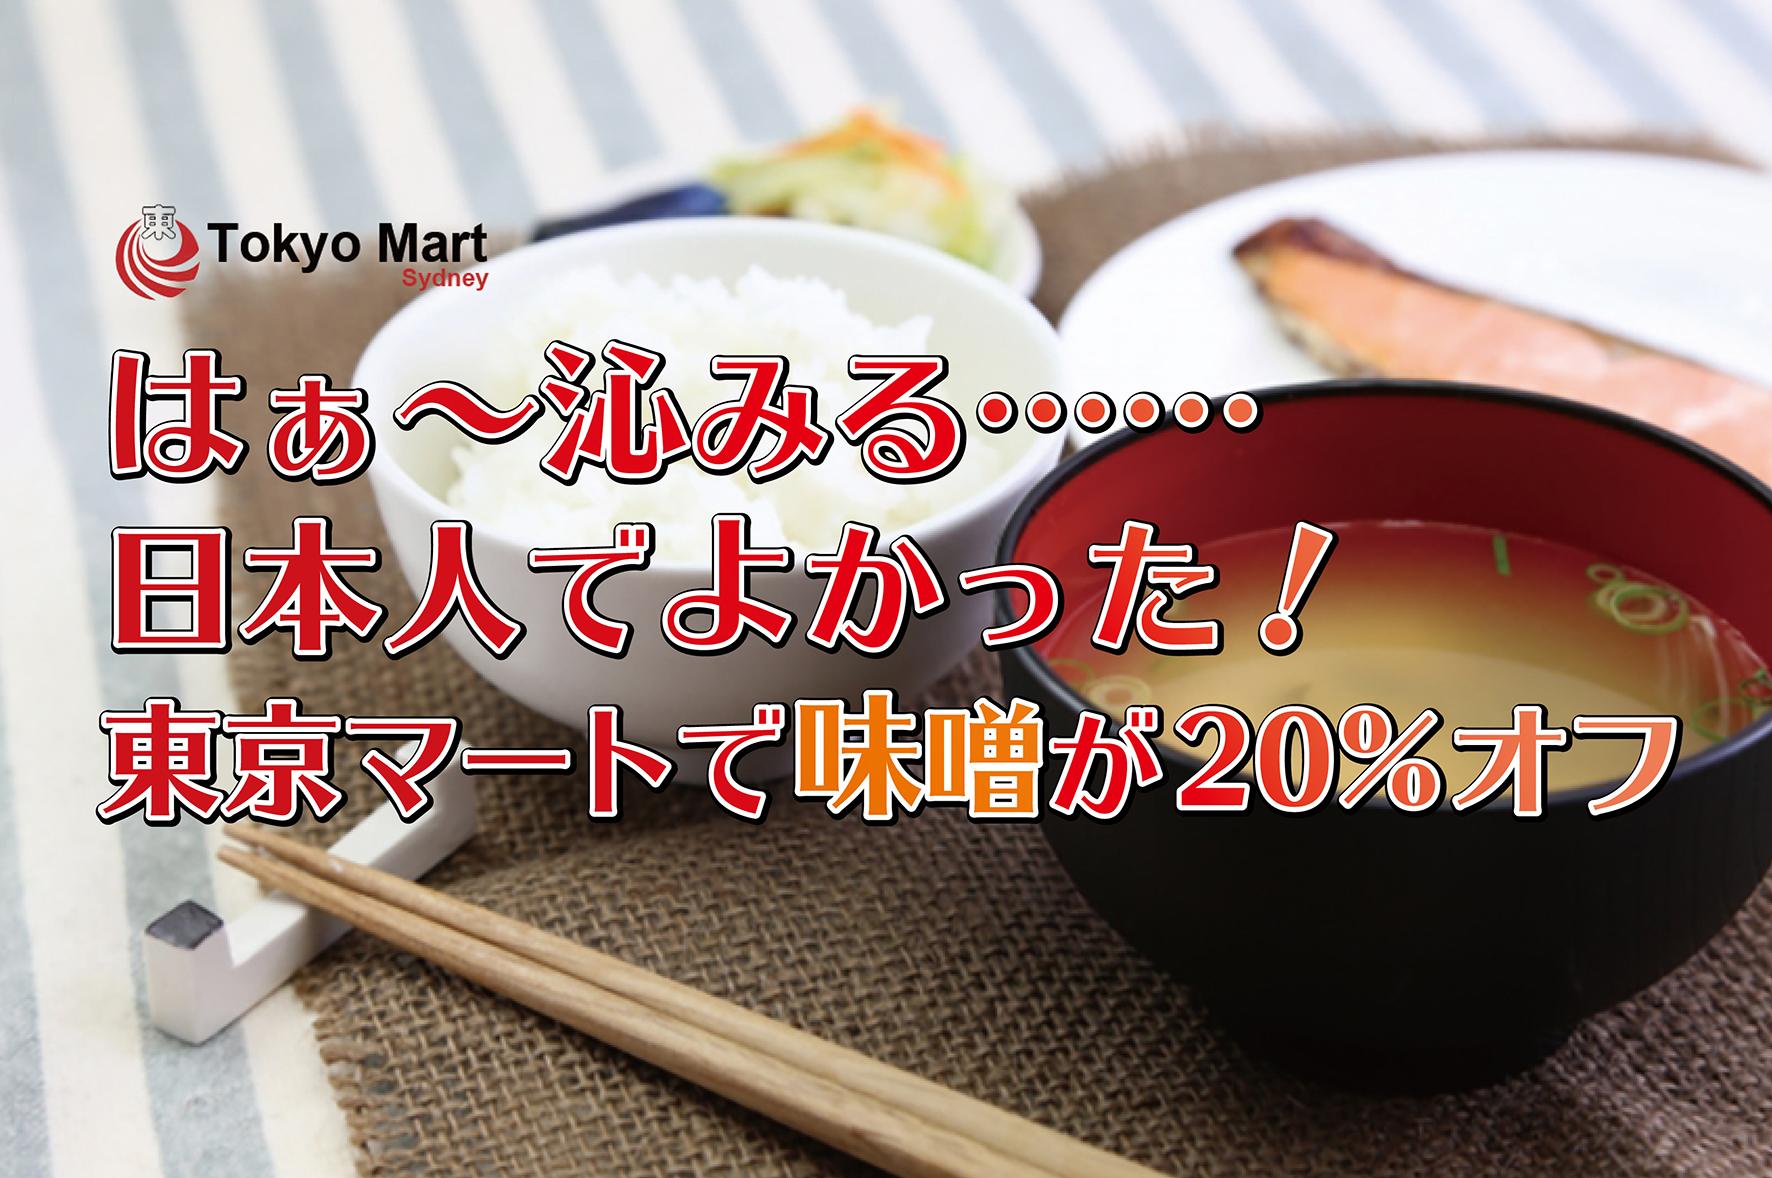 はぁ~沁みる…日本人でよかった!東京マートで味噌が20%オフ